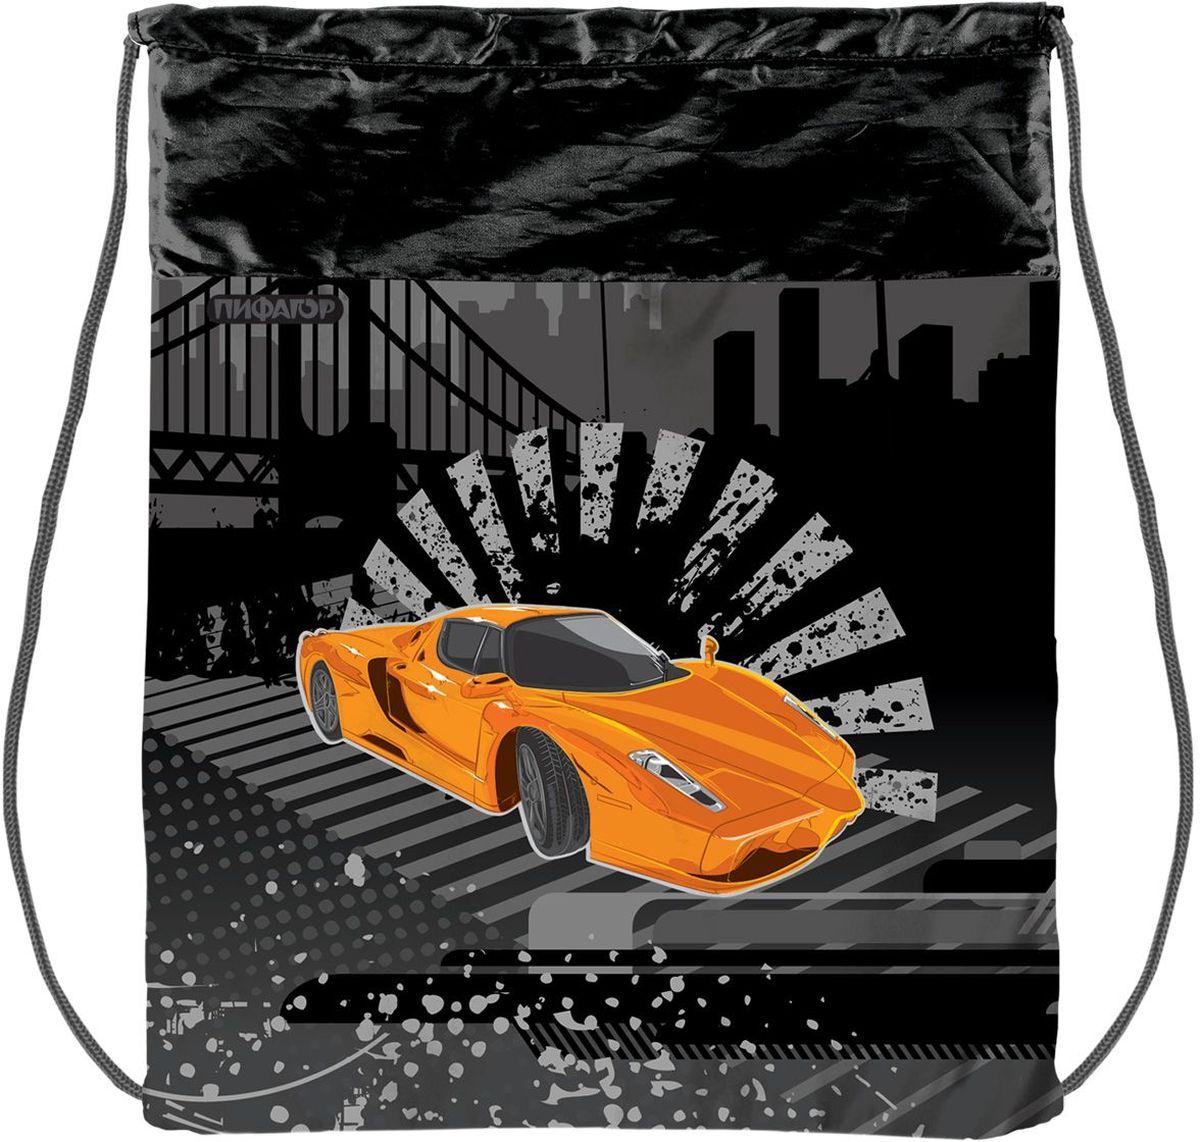 Пифагор Сумка для детской обуви Оранжевая машина цвет серый72523WDСумка для обуви предназначена для мальчиков 7-10 лет. Модель выполнена в оригинальном черно-оранжевом дизайне, украшена принтами и изображением автомобиля. Она несомненно заинтересует школьников младших классов.•Затягивается шнурком. •Водоотталкивающая пропитка ткани. •Размер: 42х34 см.